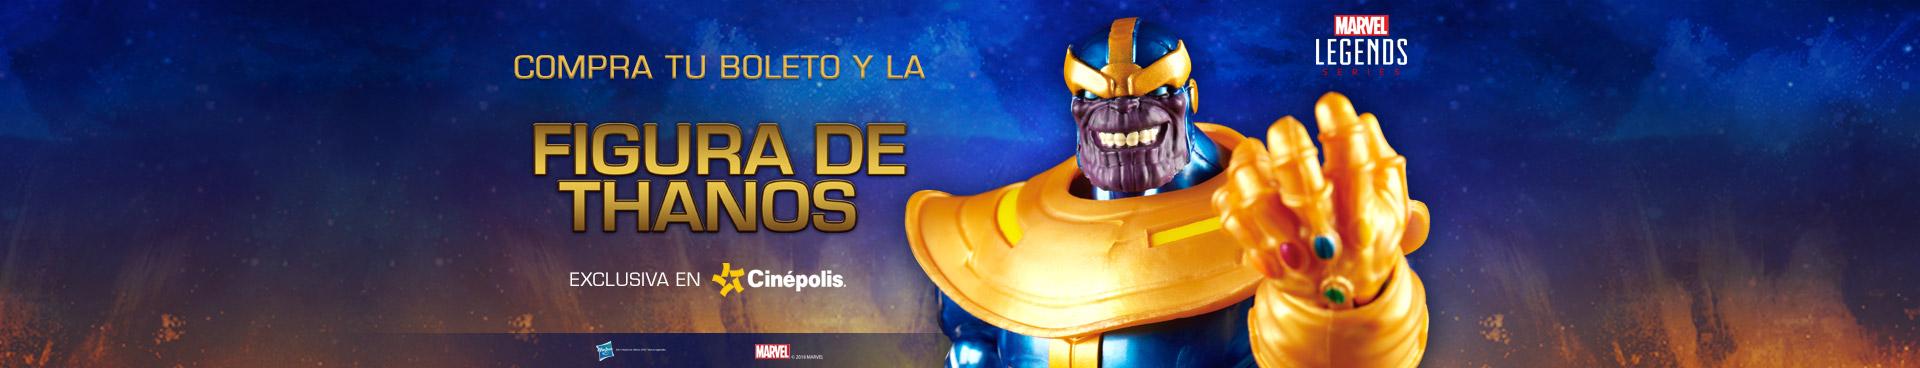 Compra tu boleto y la figura de Thanos